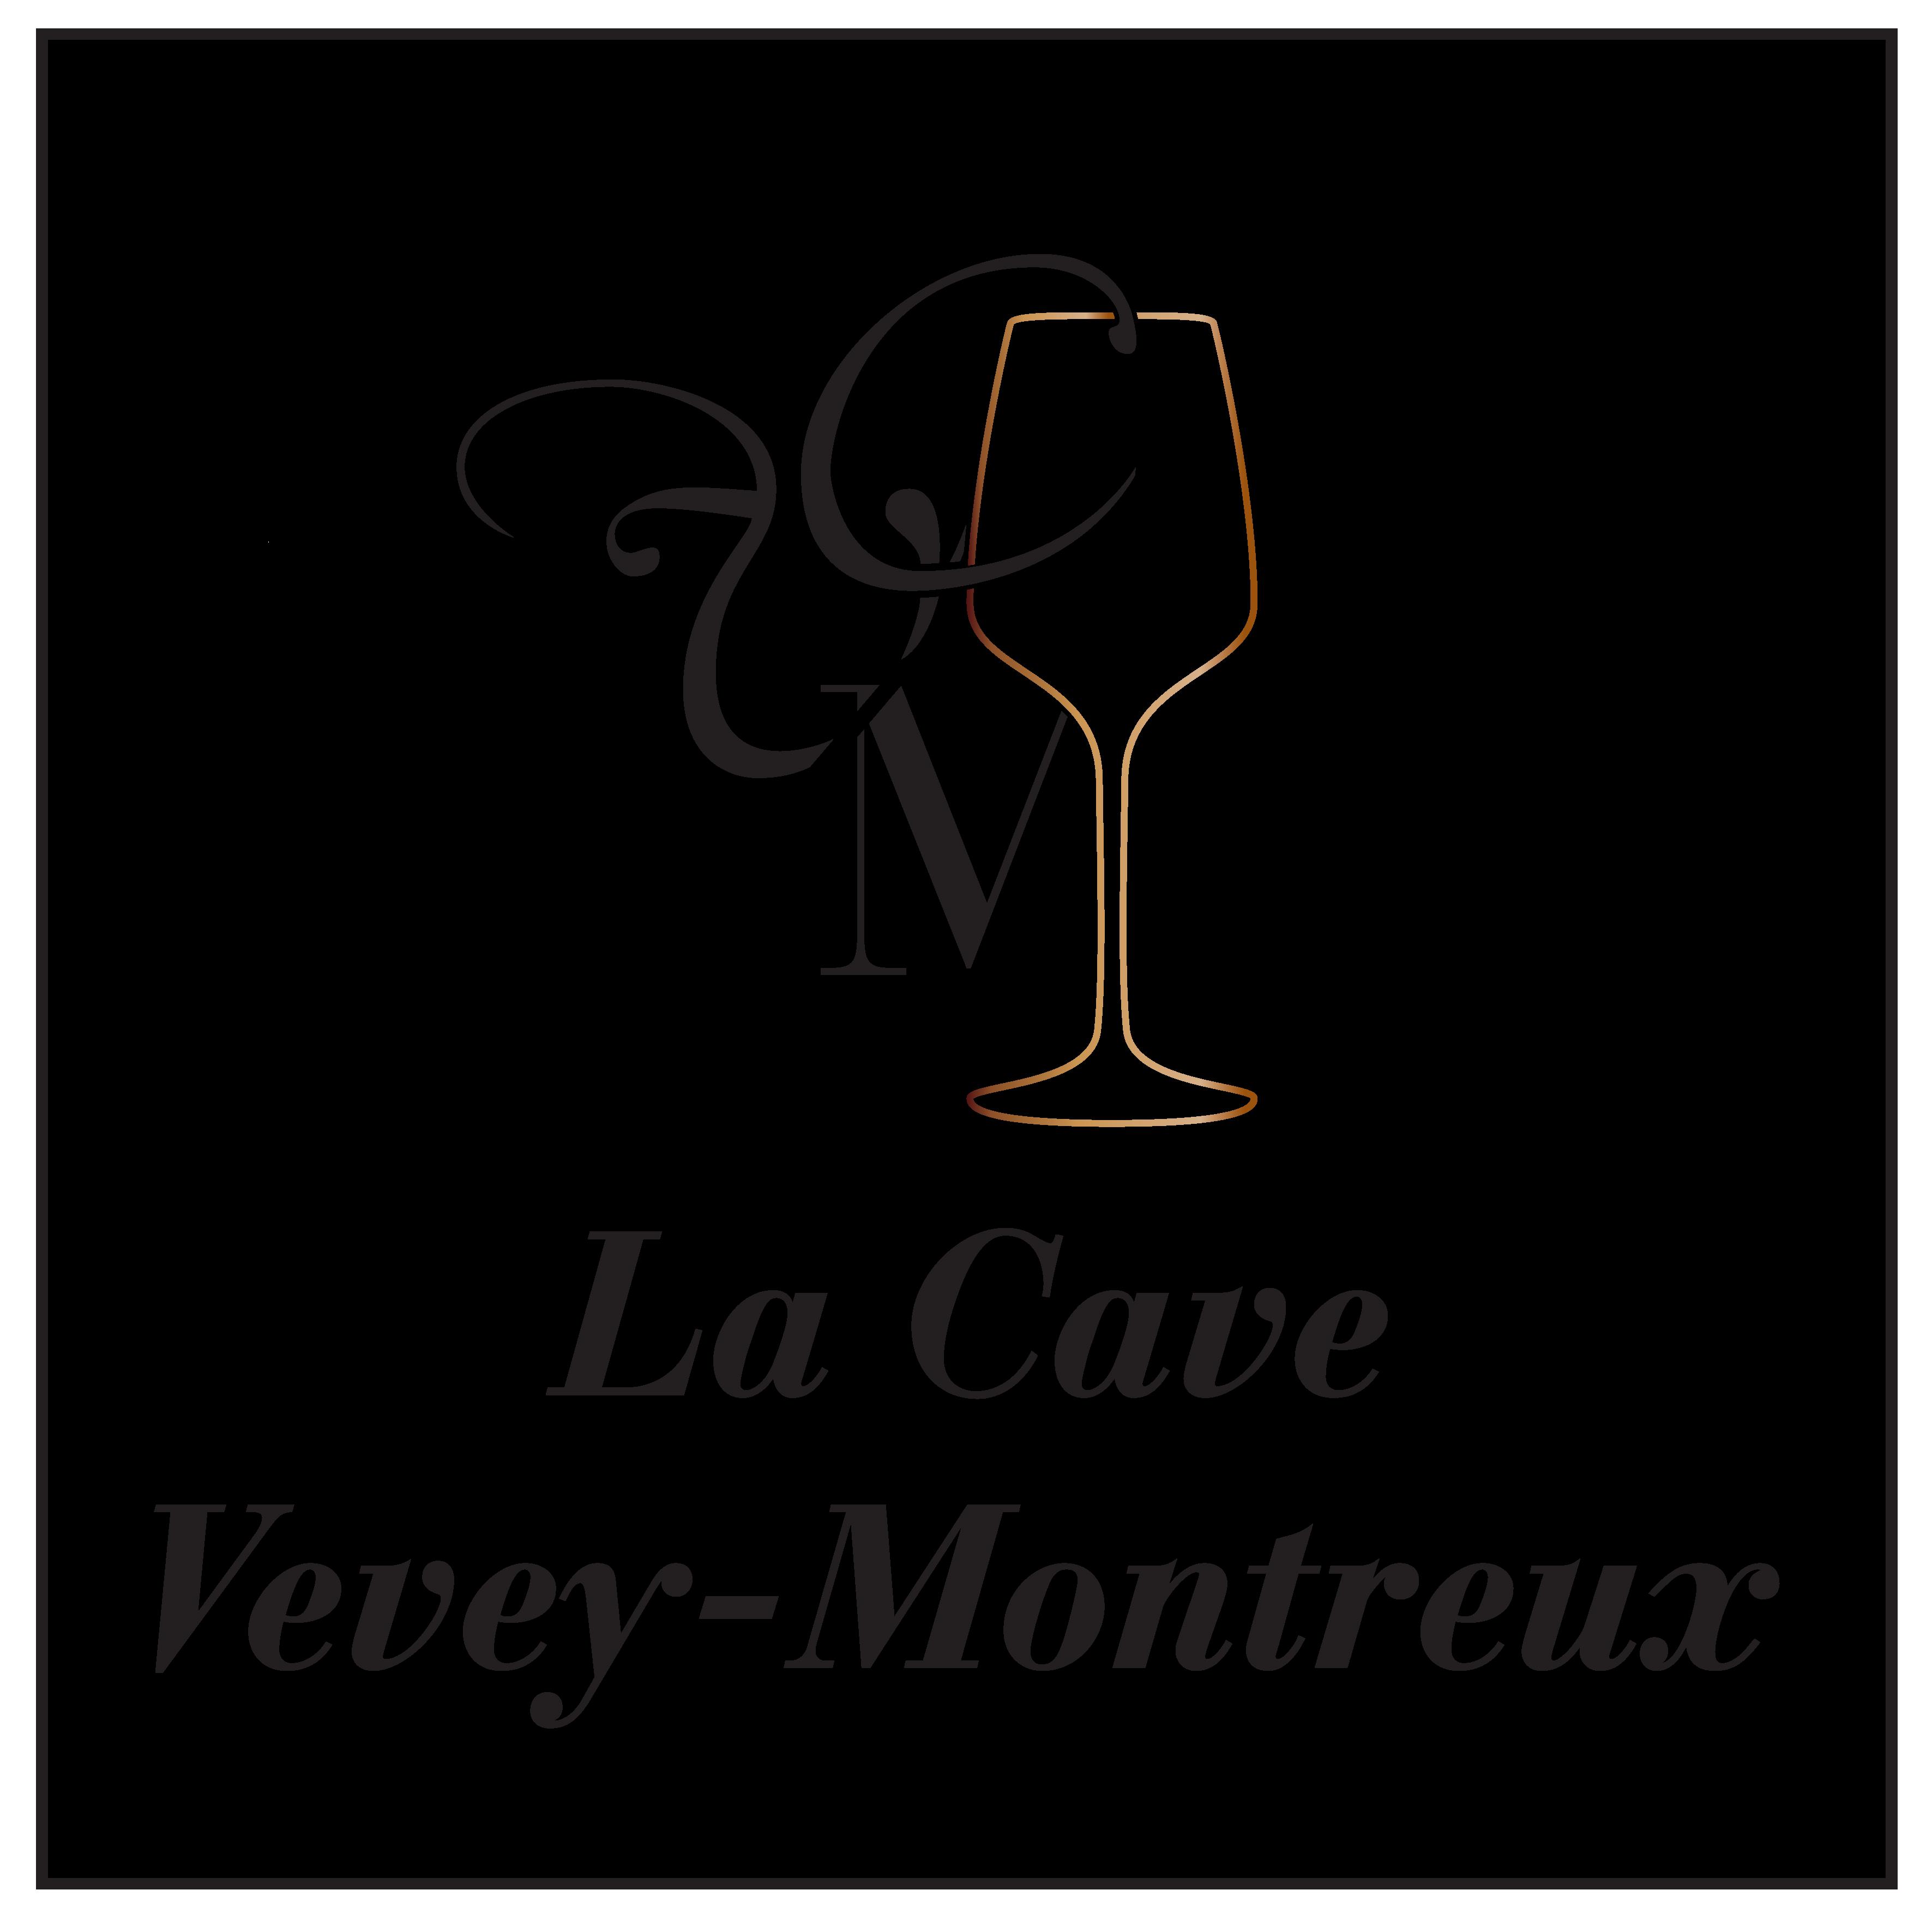 Cave Vevey Montreux